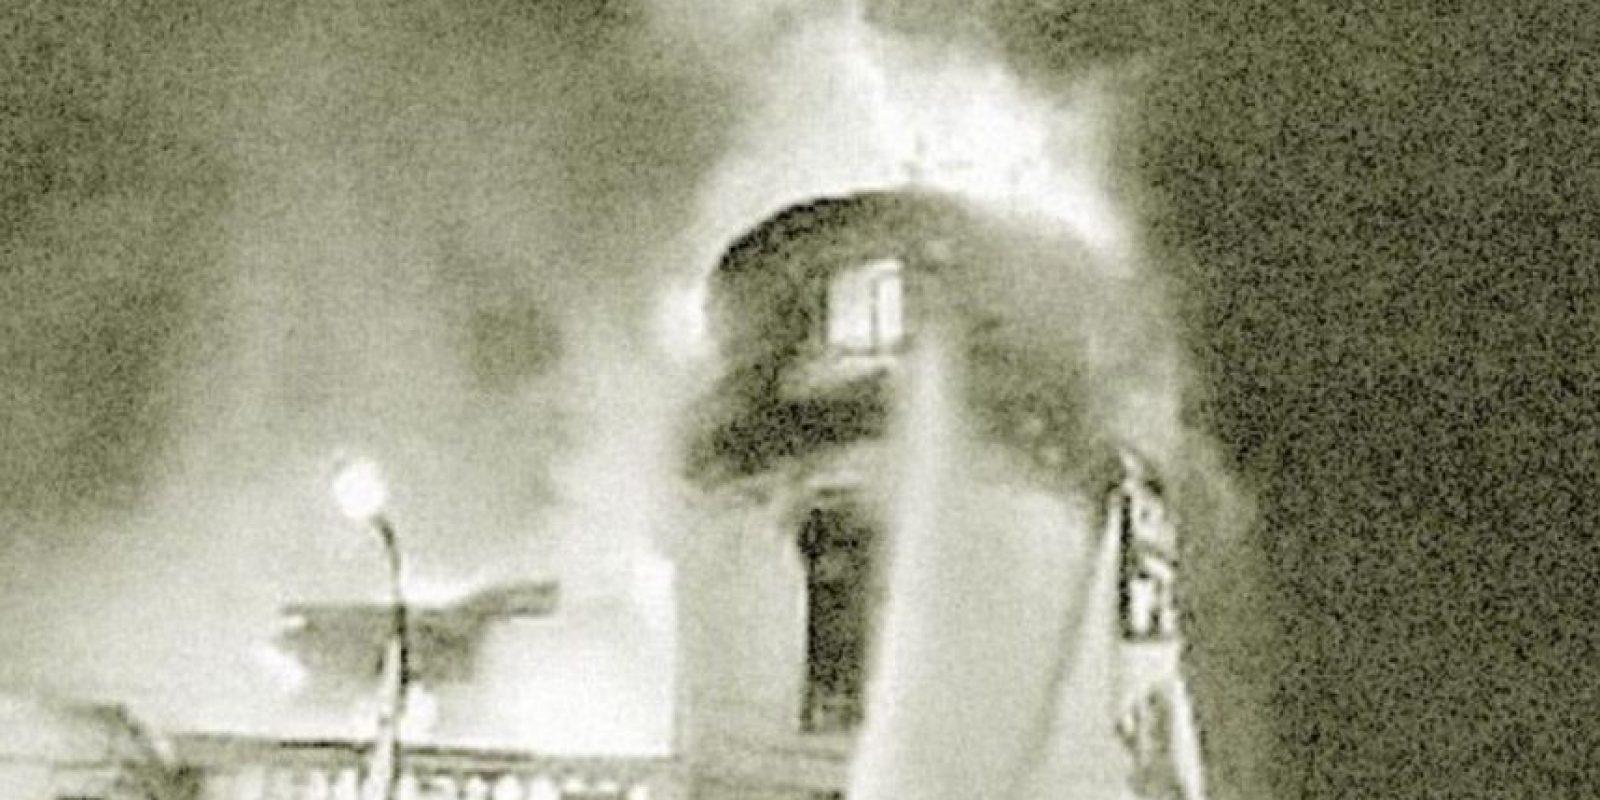 Se escuchaban crujidos y ruidos Foto:Prensa /Urbatorium